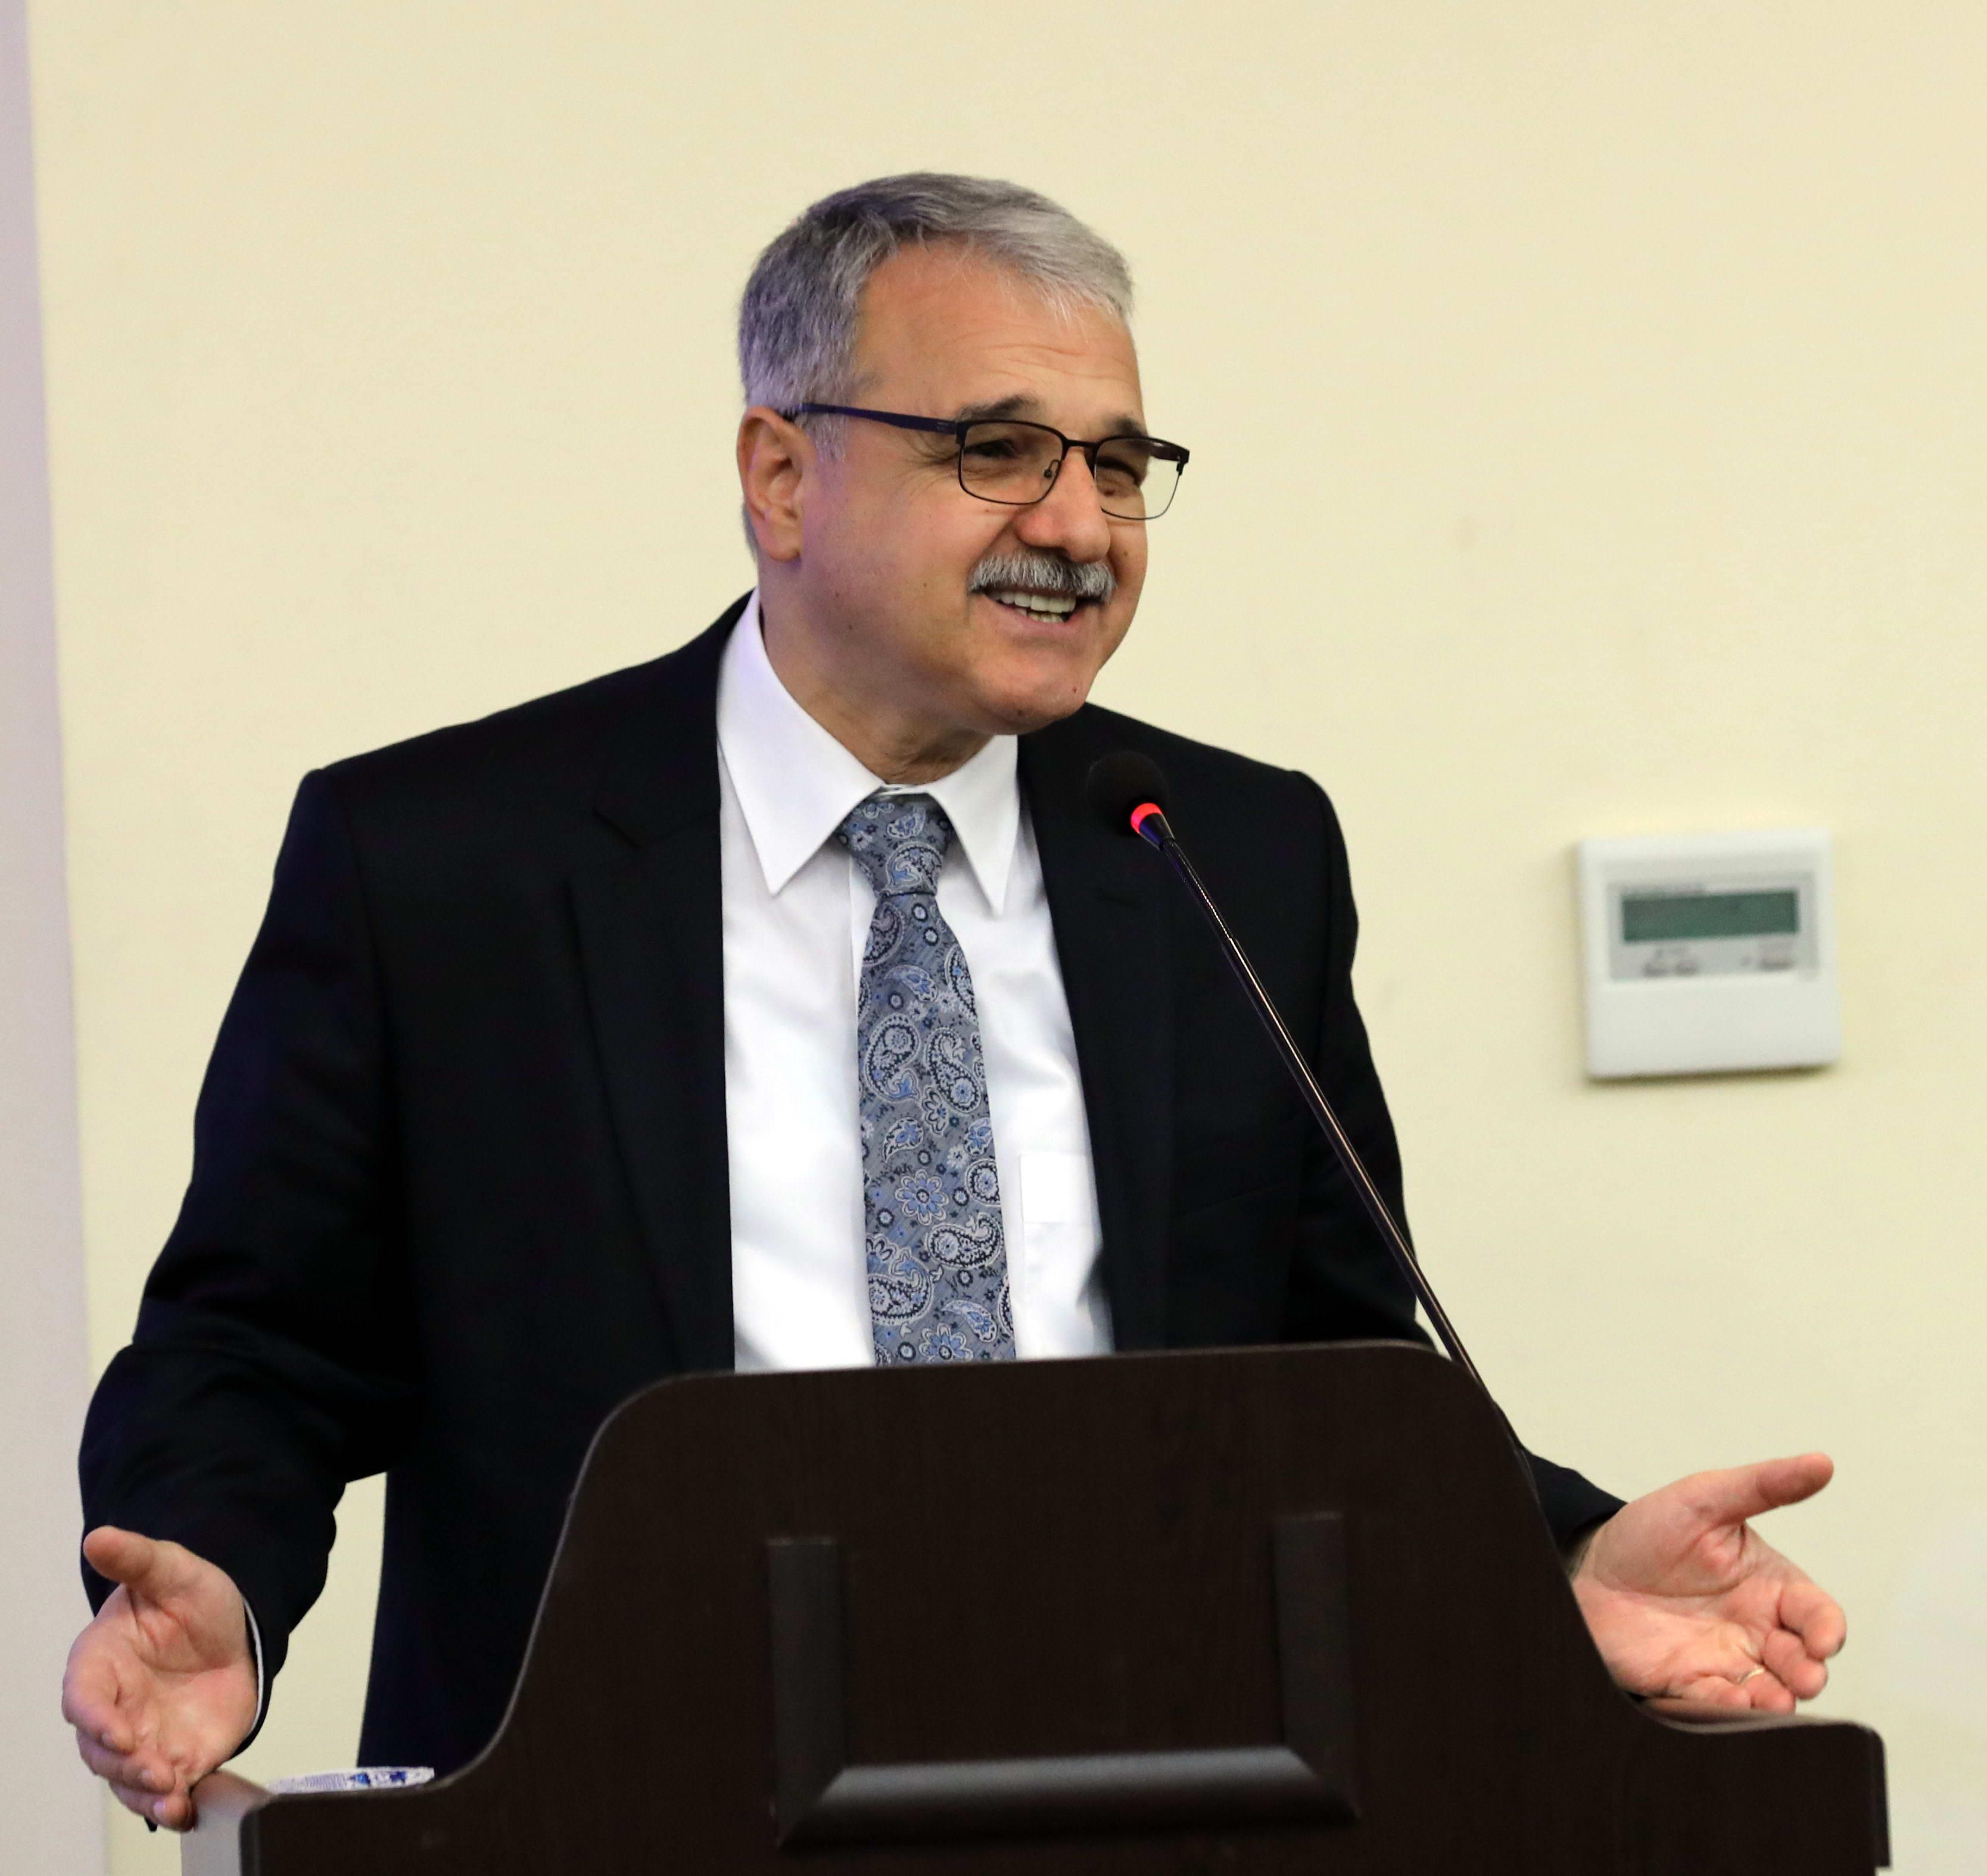 ENGELLİ ÖĞRENCİLERE BİLGİLENDİRME TOPLANTISI - Prof. Dr. Metin Bedir